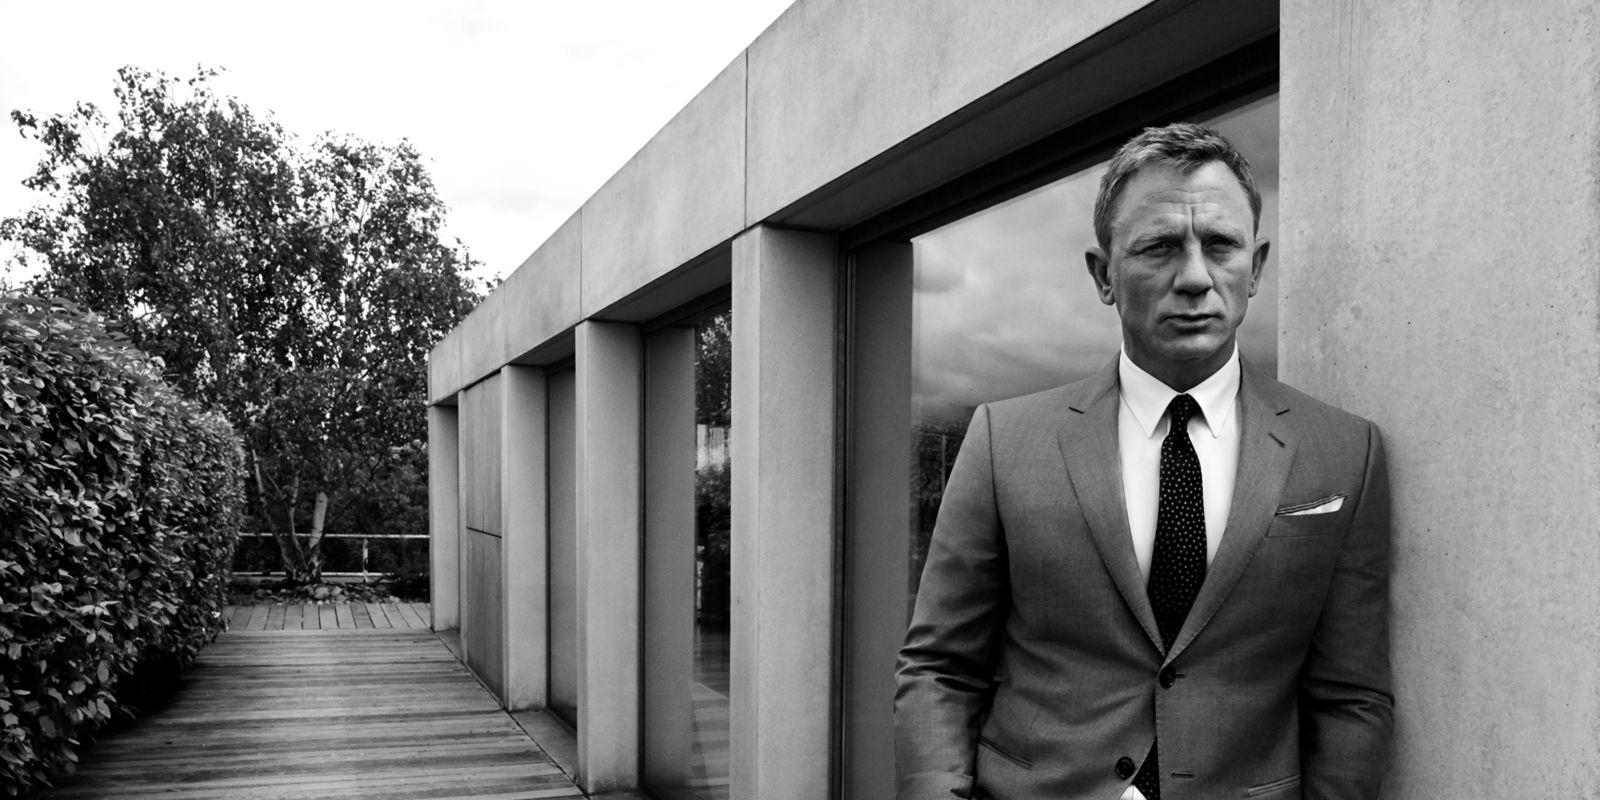 Daniel Craig On His Decade As 007 Daniel craig, James